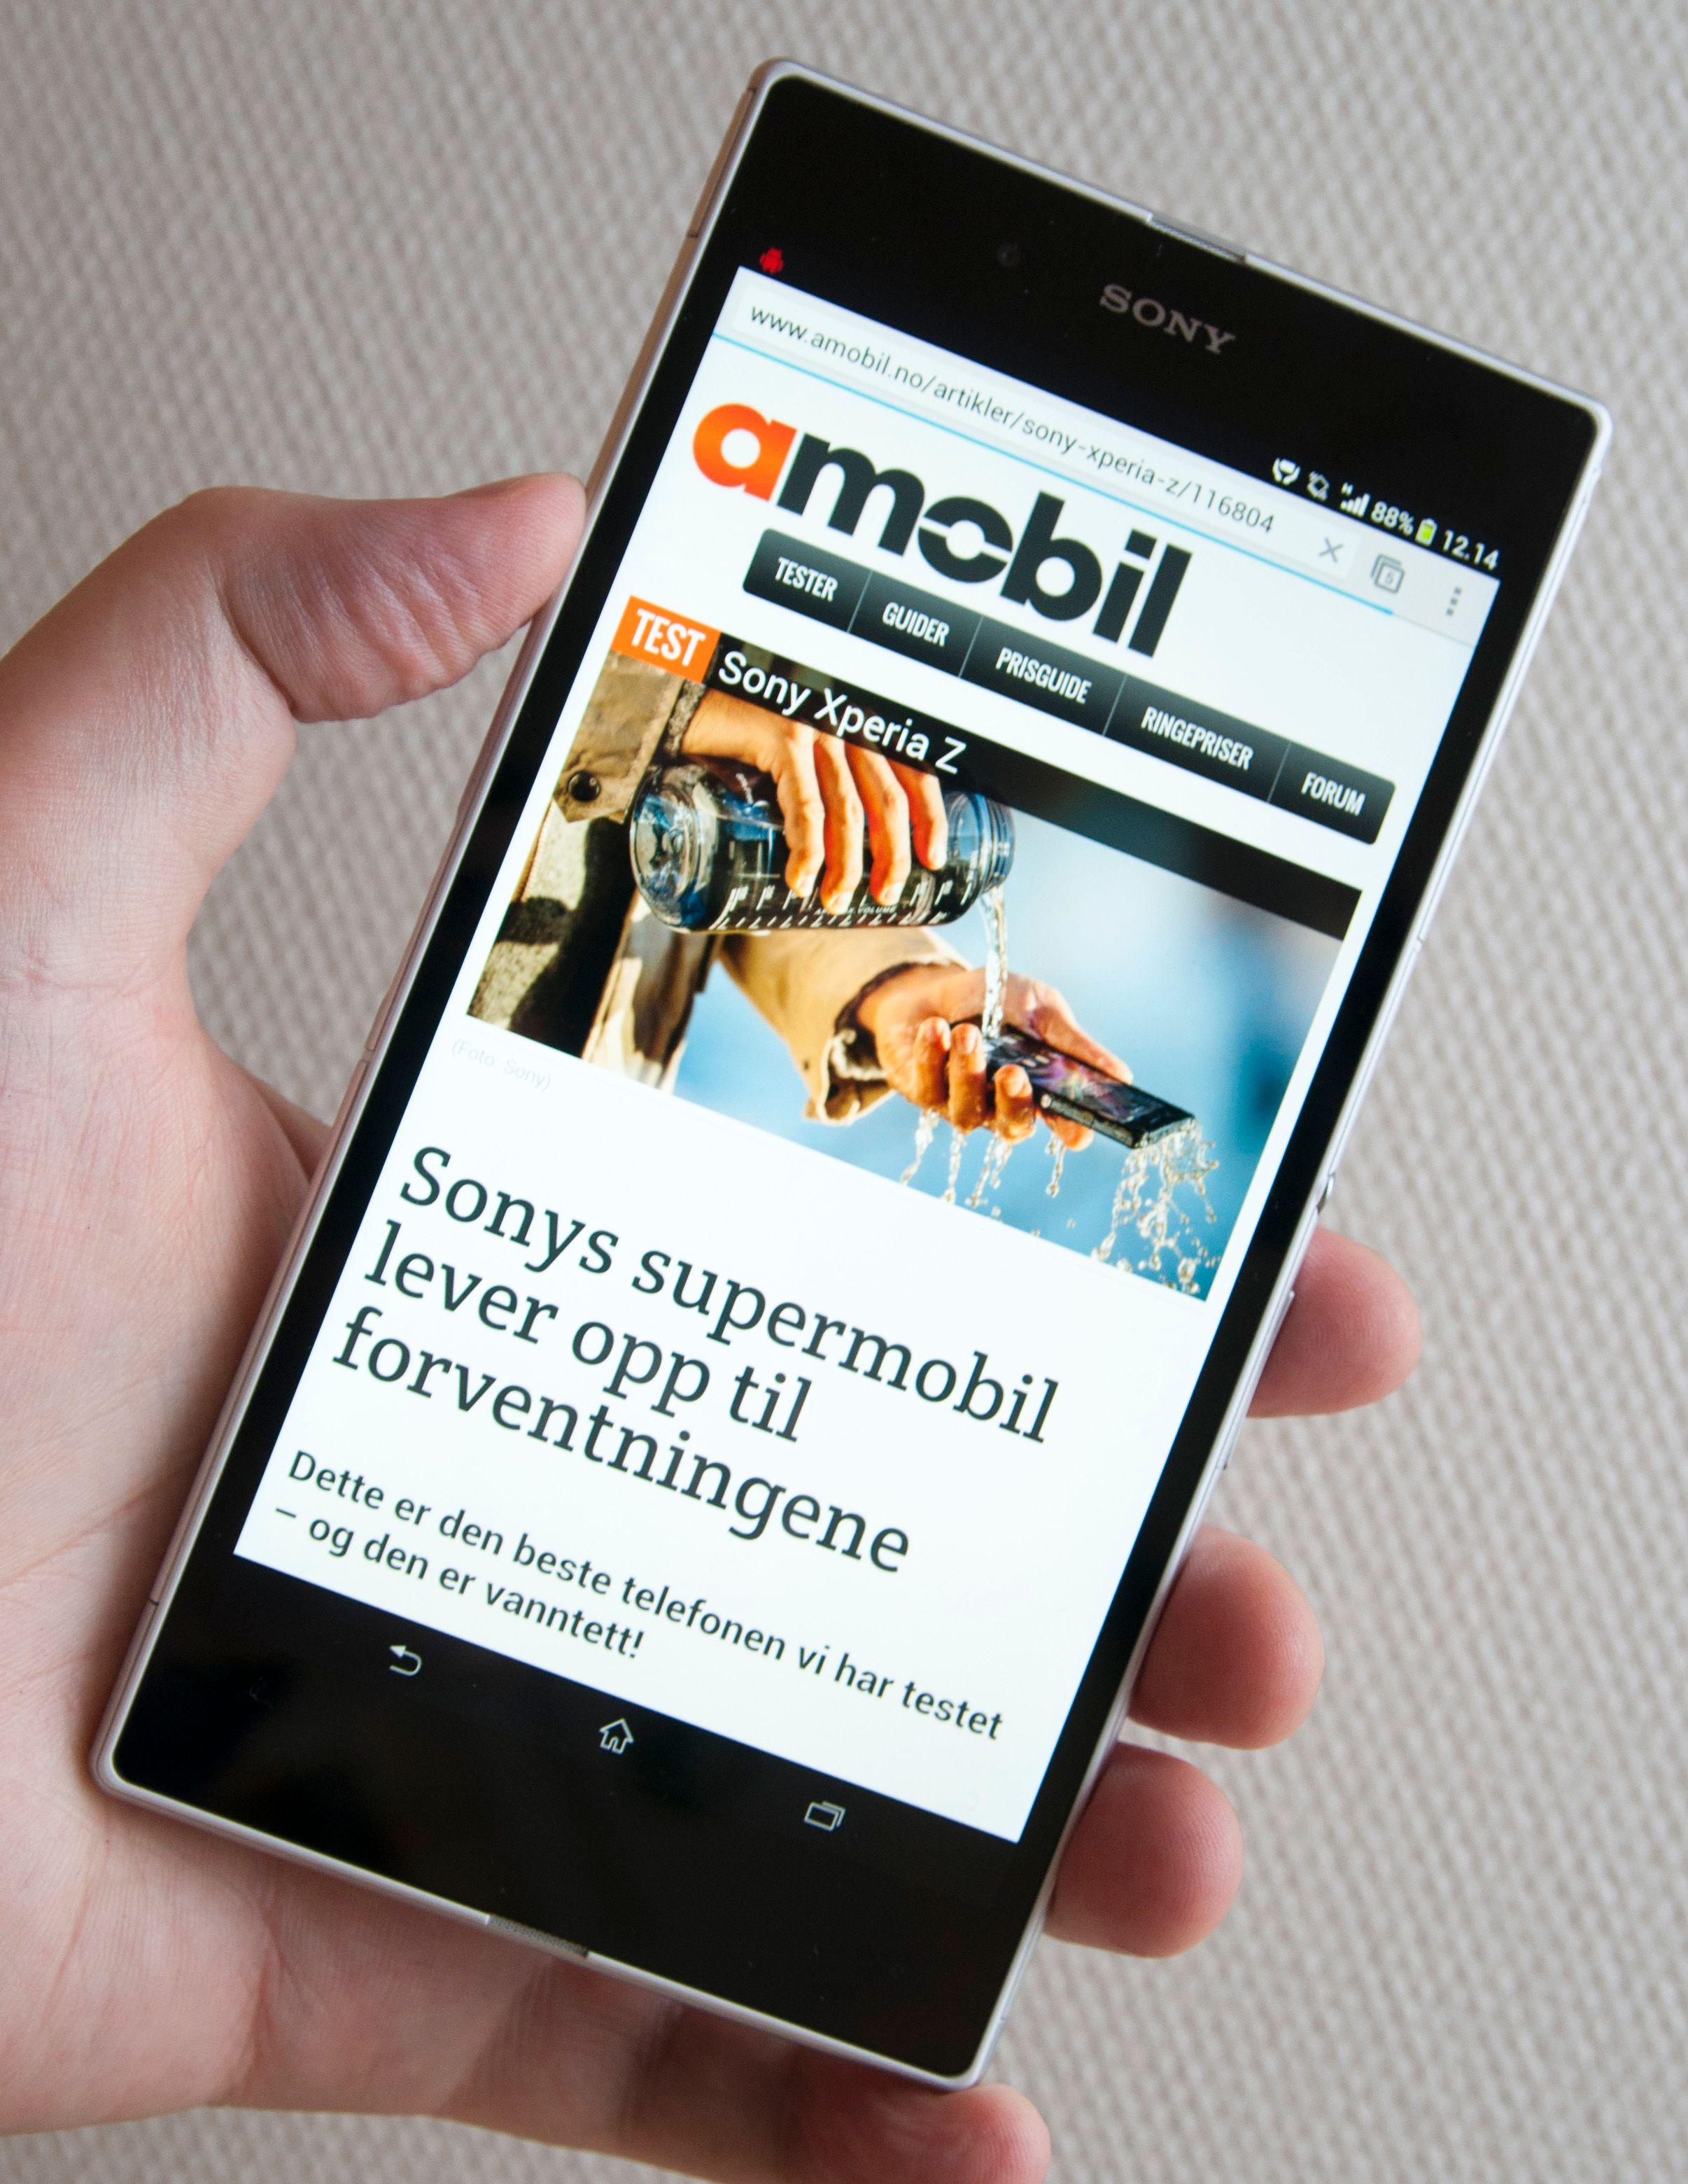 Gammel test på ny telefon - her er det Googles nettleser Chrome som gjelder.